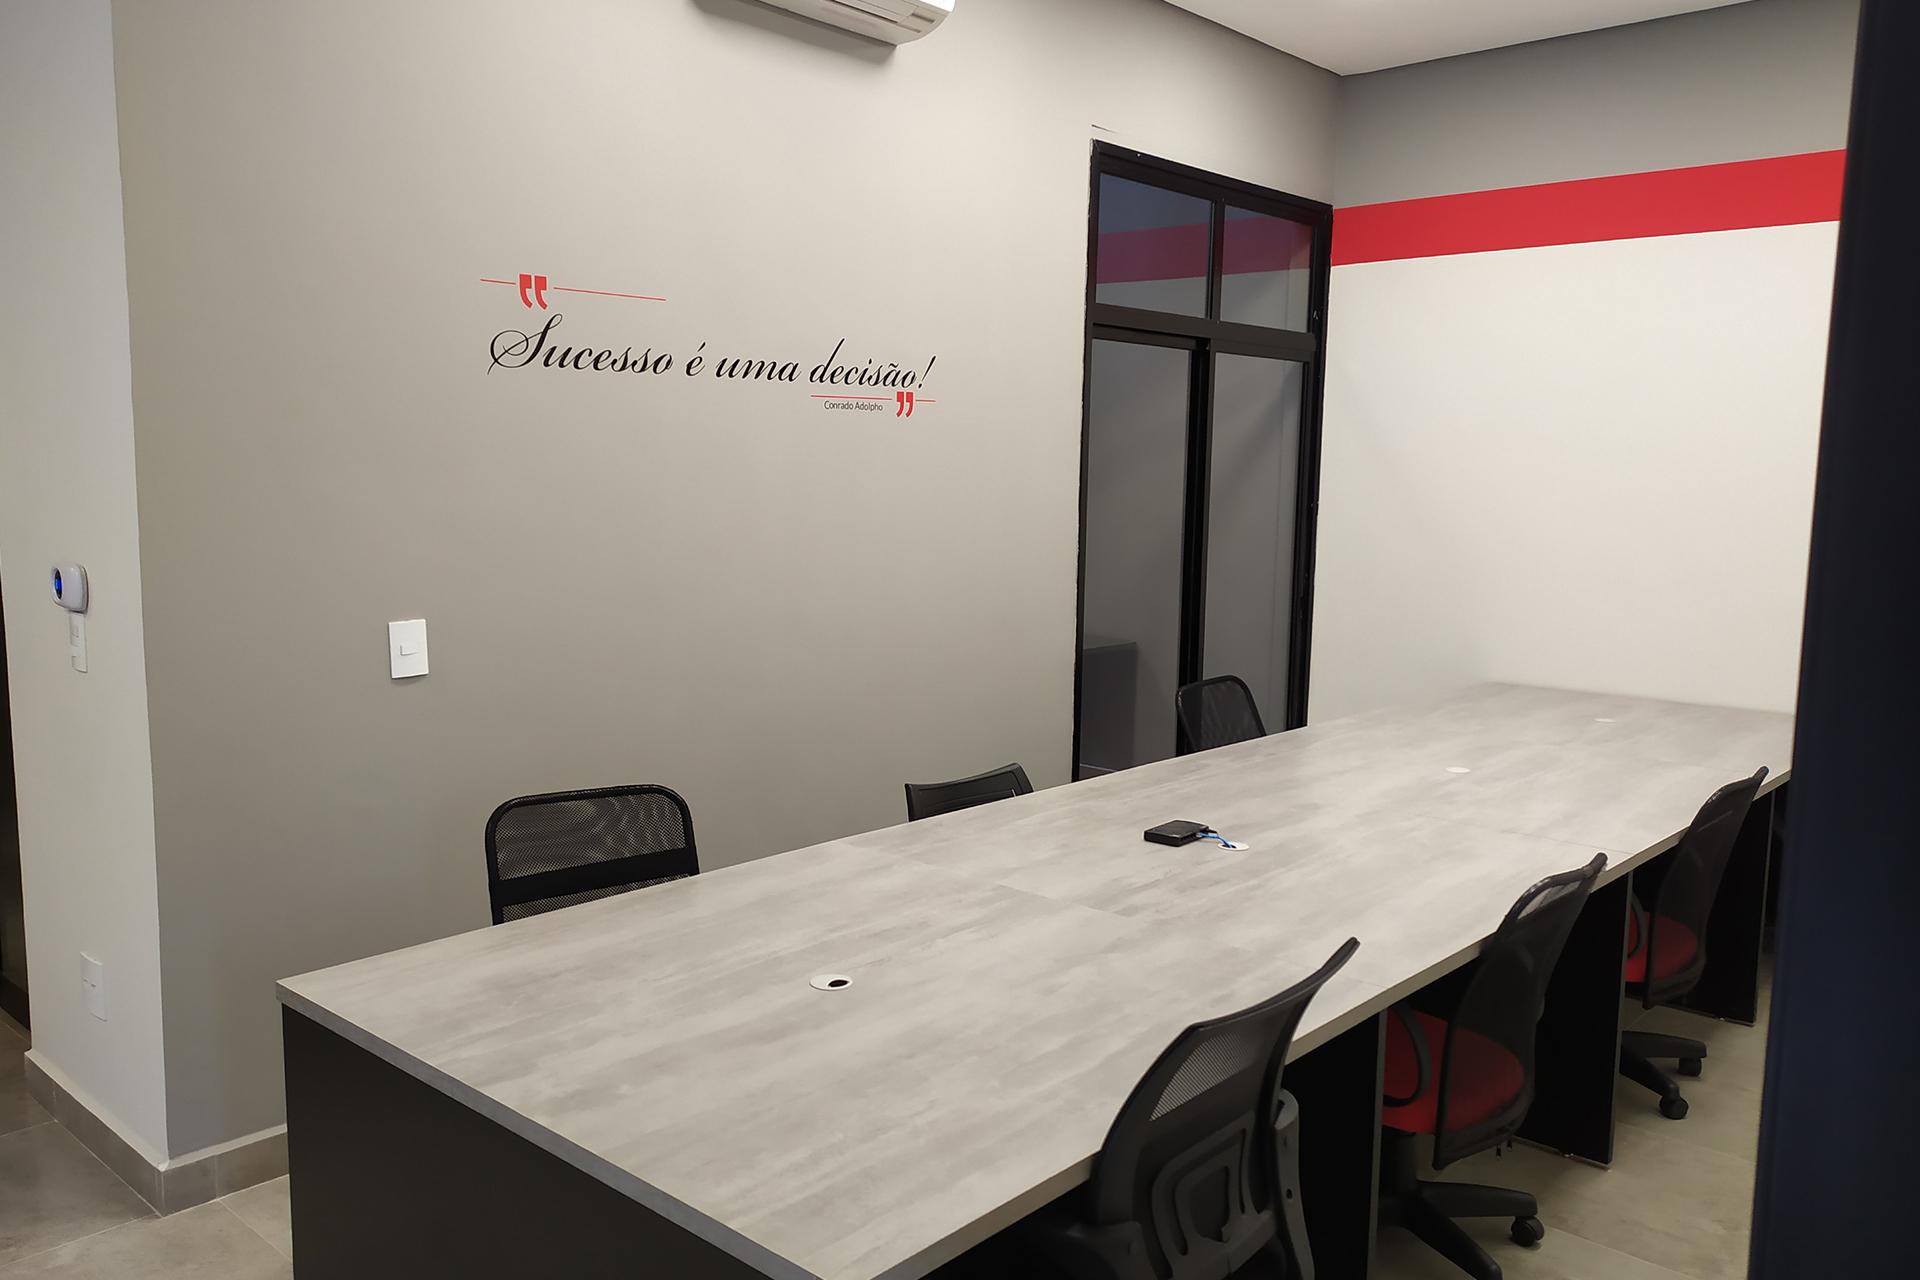 mesas disponíveis para coworking